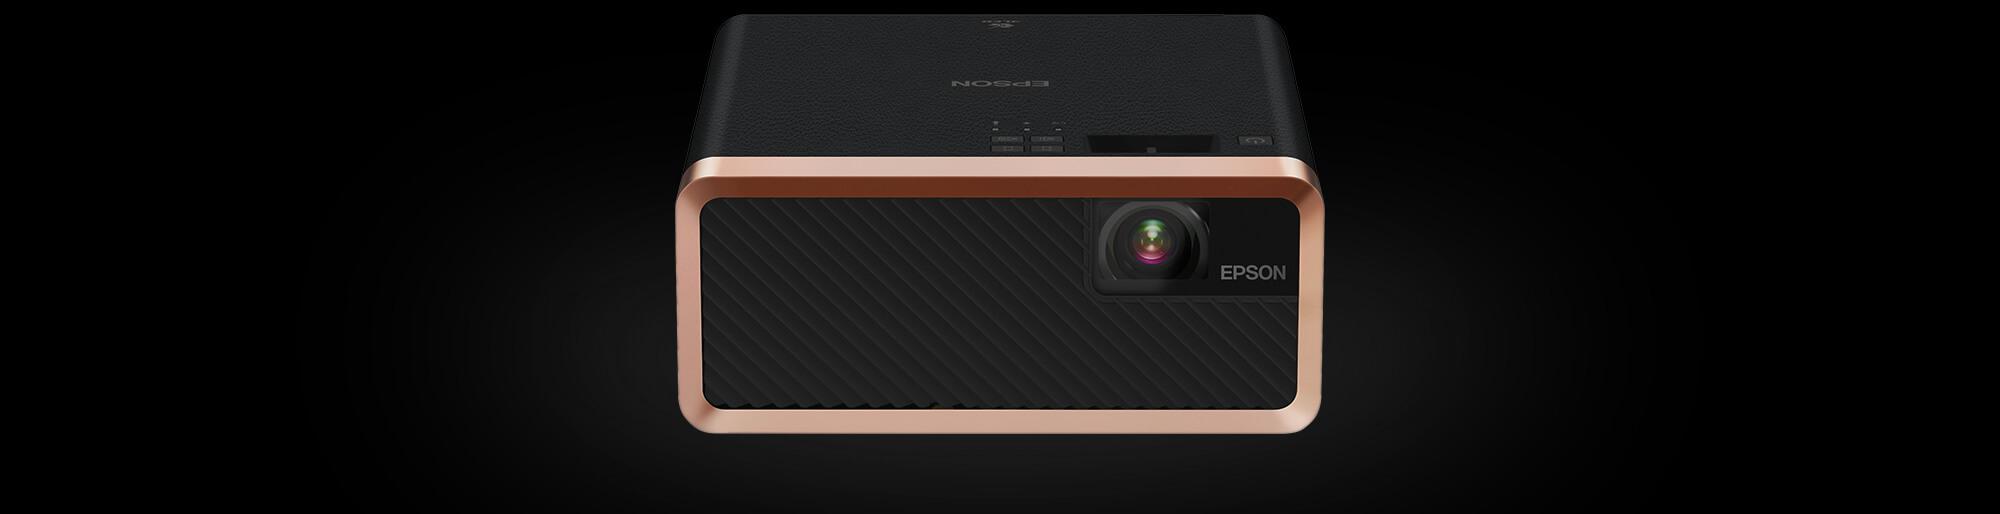 bardzo mały projektor Epson w czarnej kolorystyce